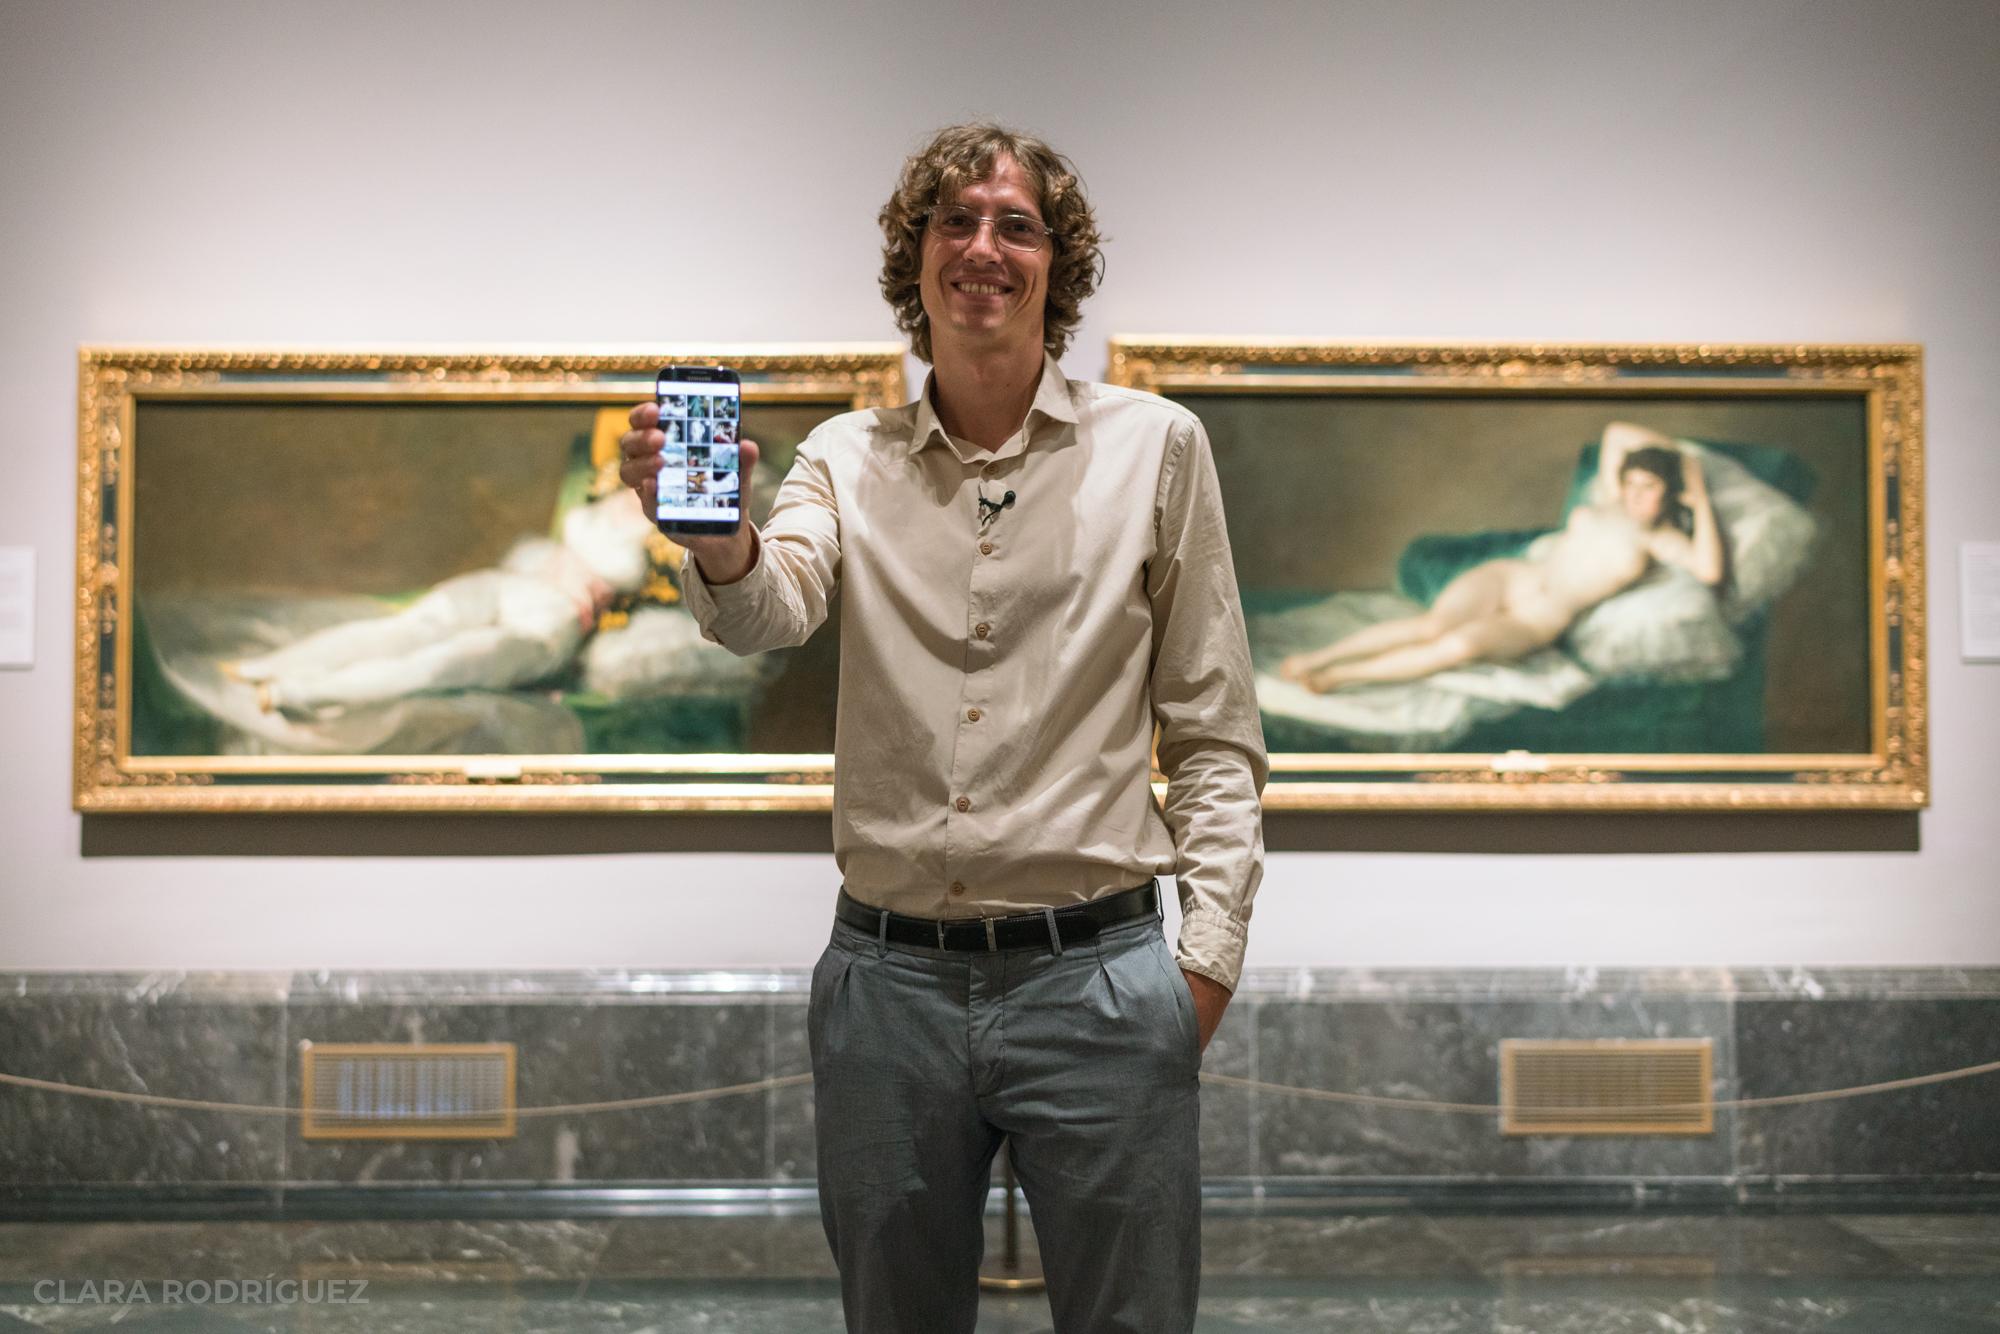 Javier Sainz de los Terreros en el Museo del Prado enseña la cuenta de Instagram que gestiona.